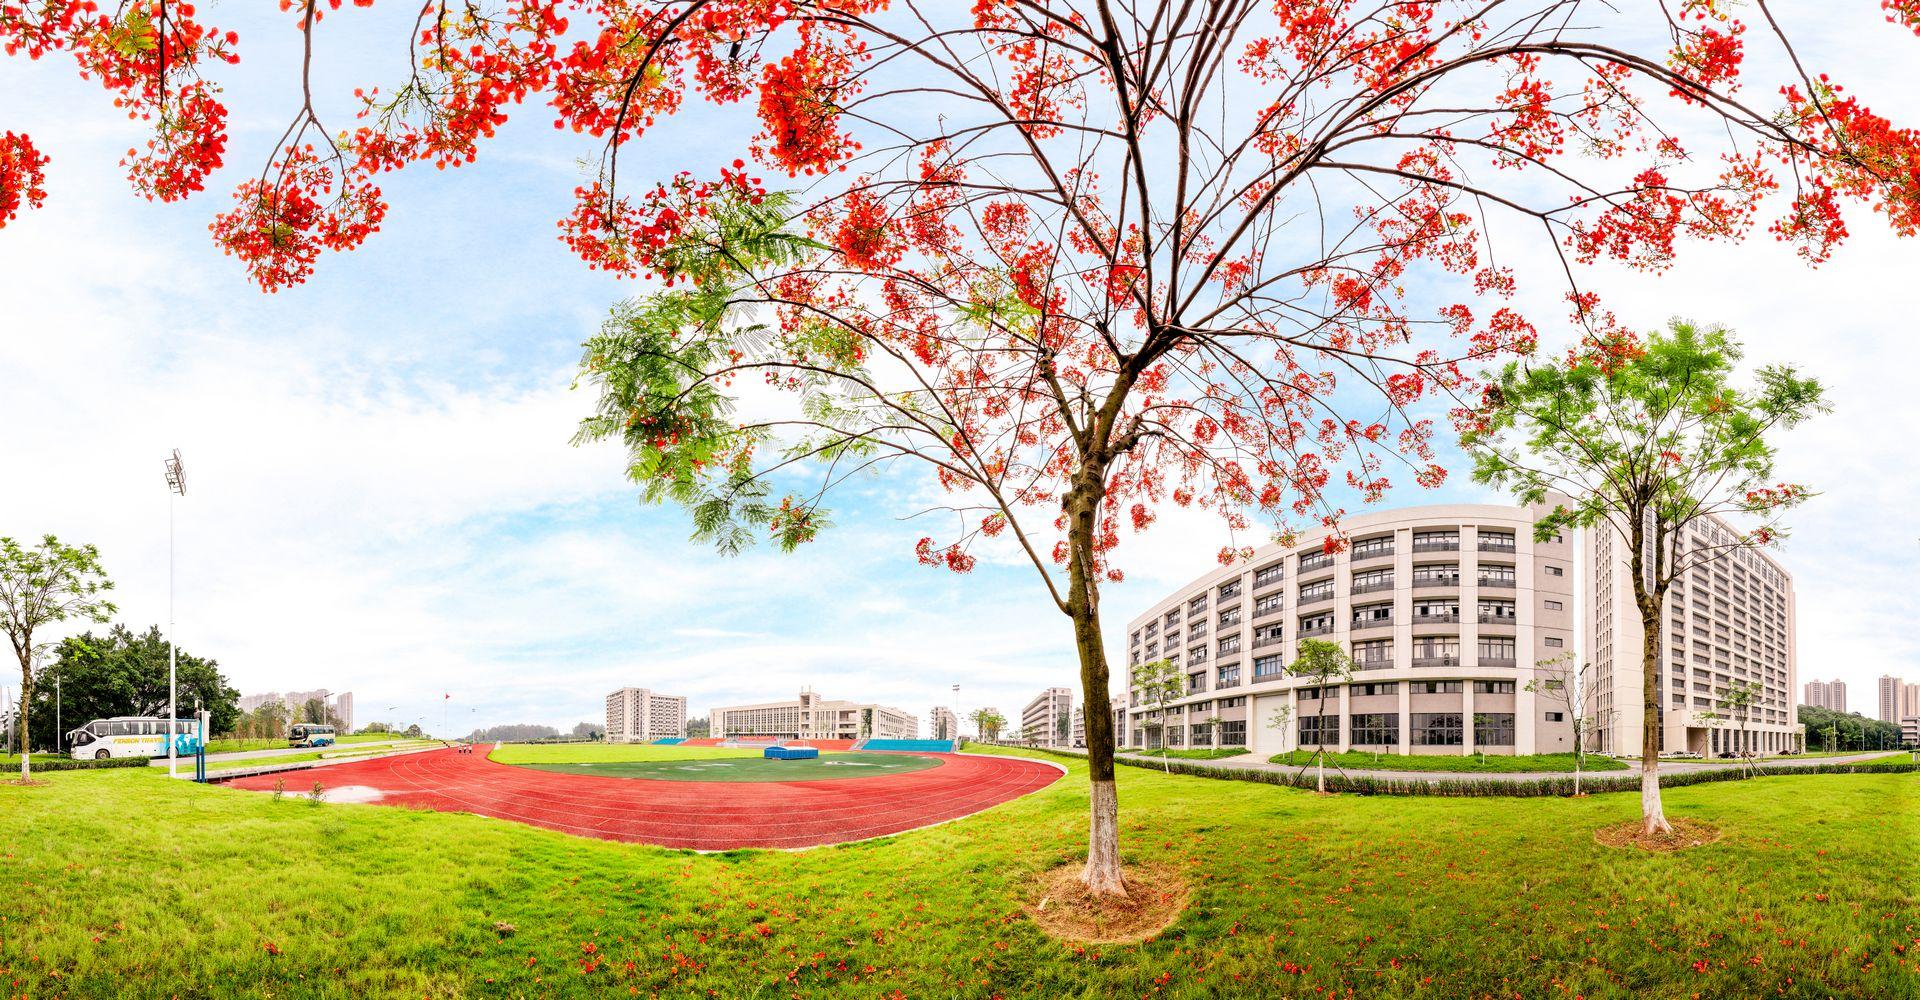 校园五月的凤凰树